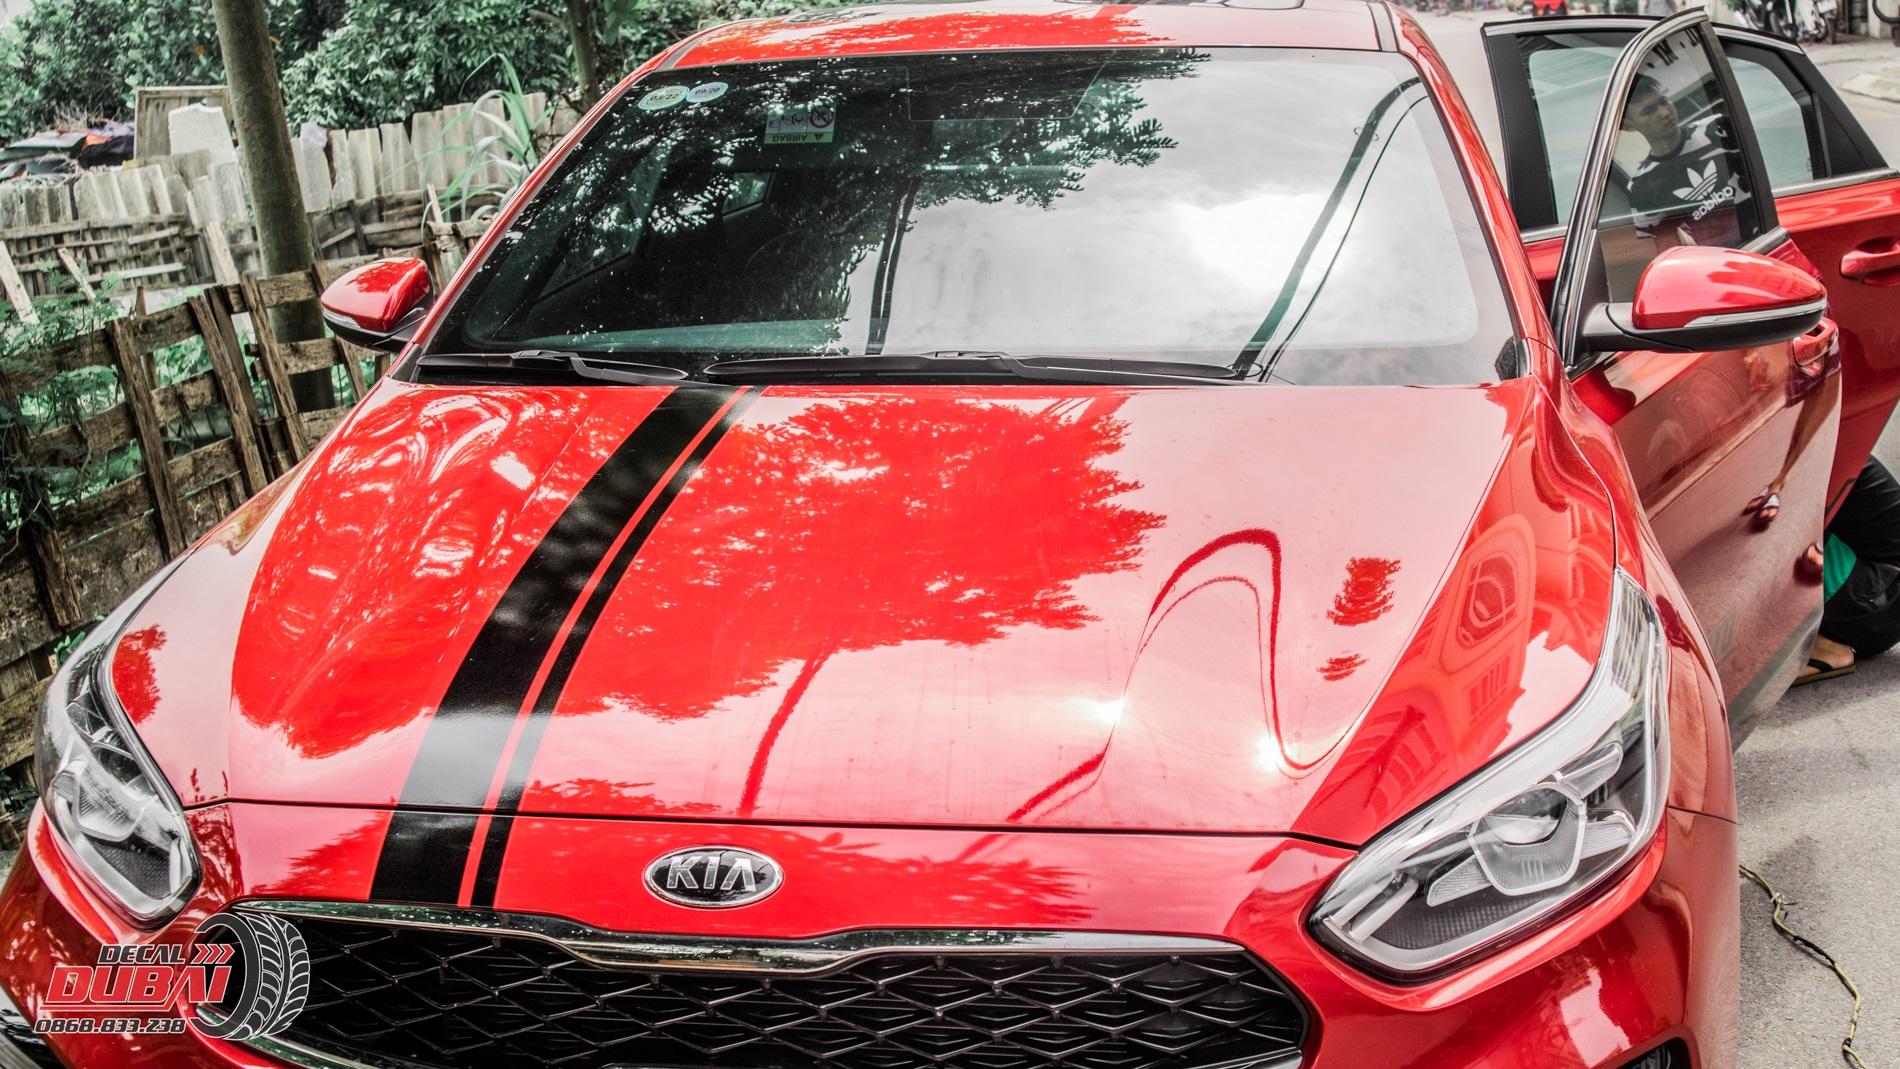 Tem-xe-Kia-Cerato-0005.2-450k